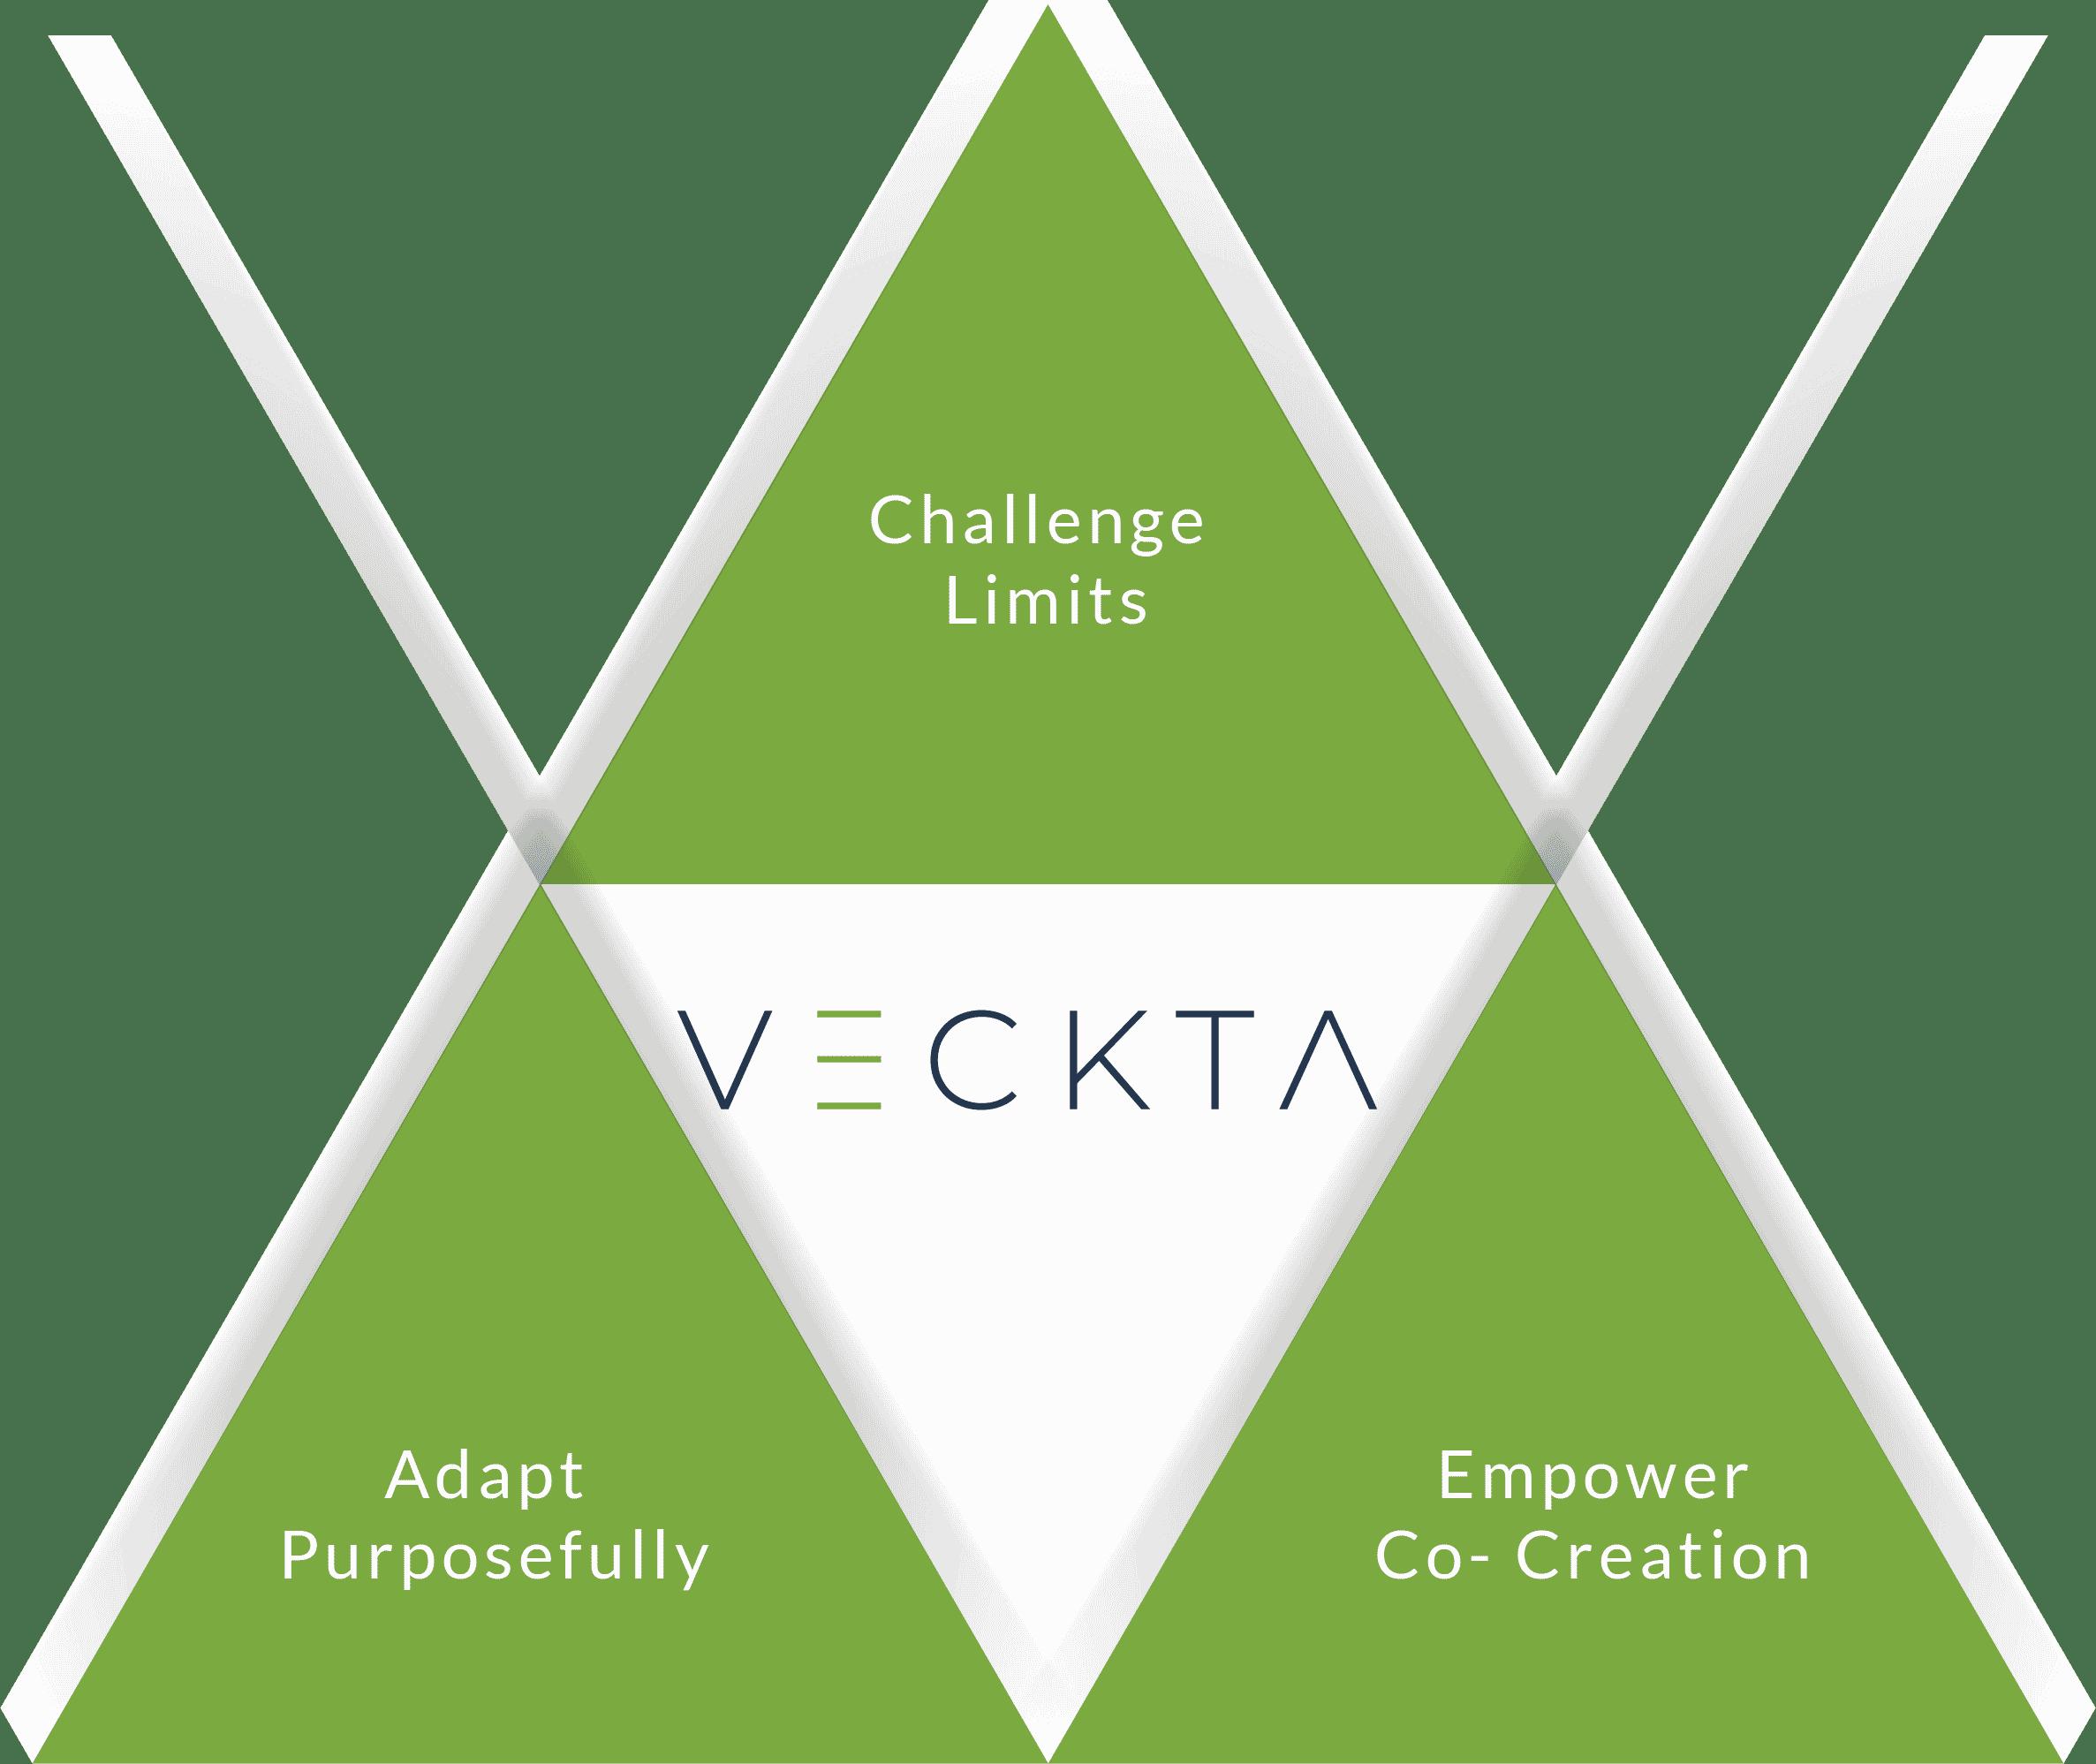 VECKTA Values